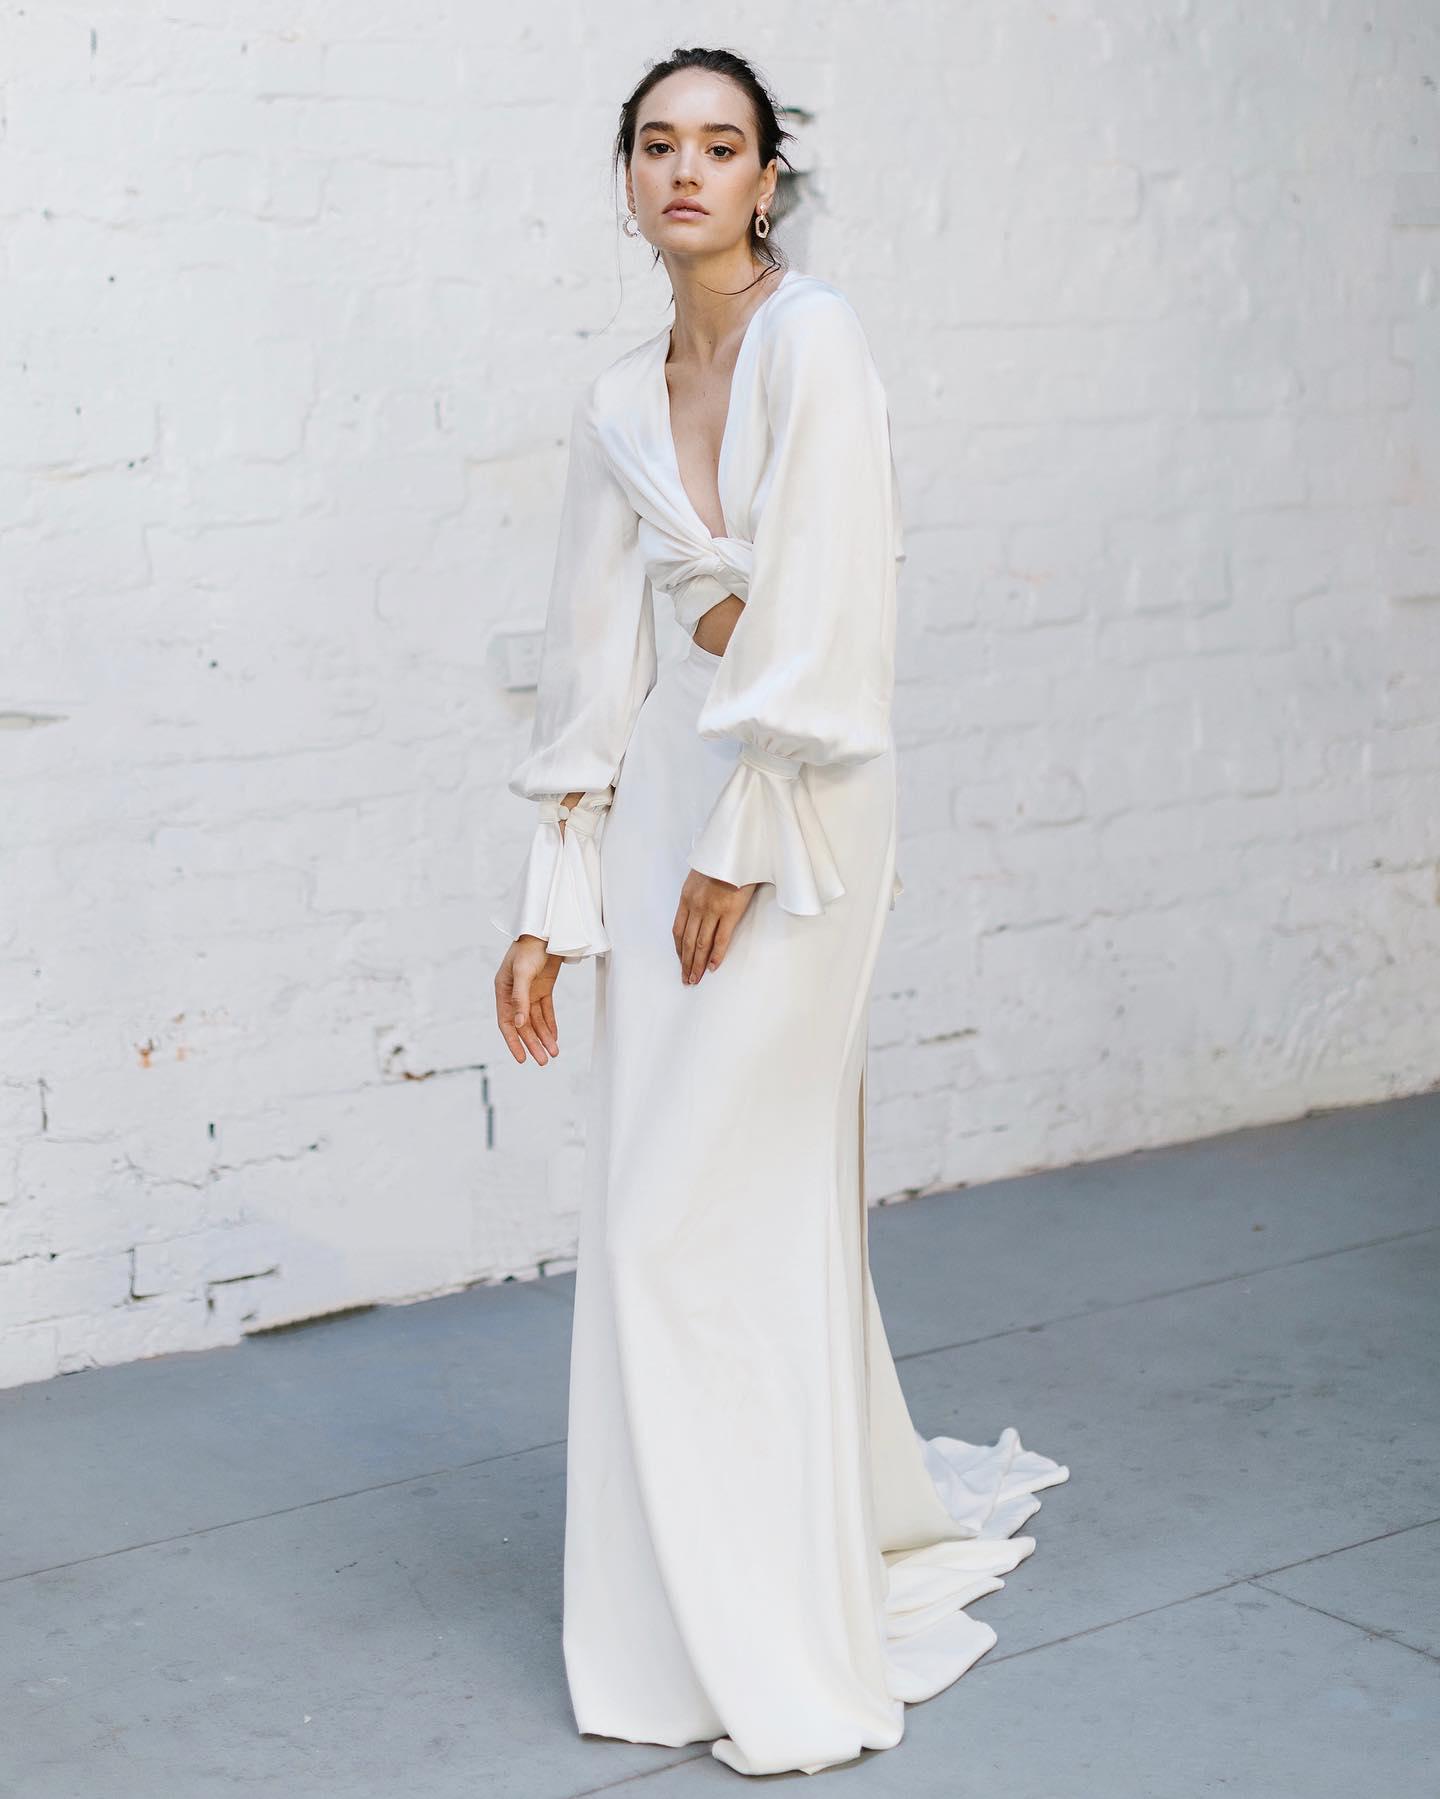 Prea James Bridal, vestidos de novia Prea James, vestidos de novia minimalistas, tendencias en vestidos de novia 2022 - Wedding Hub - 023